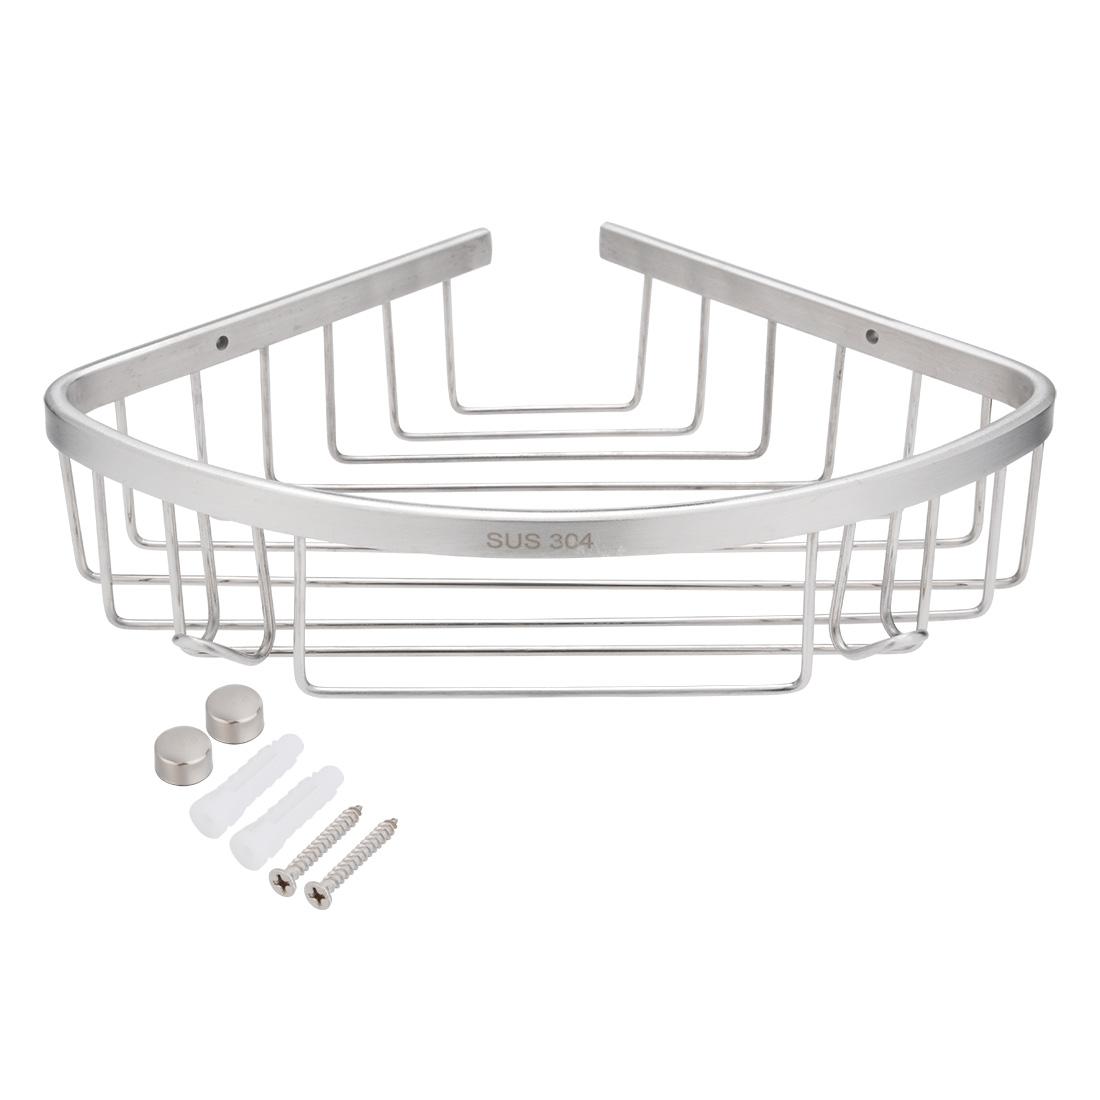 304 Stainless Steel 10.2-inch Corner Mount Bathroom Shower Basket Brushed Finish